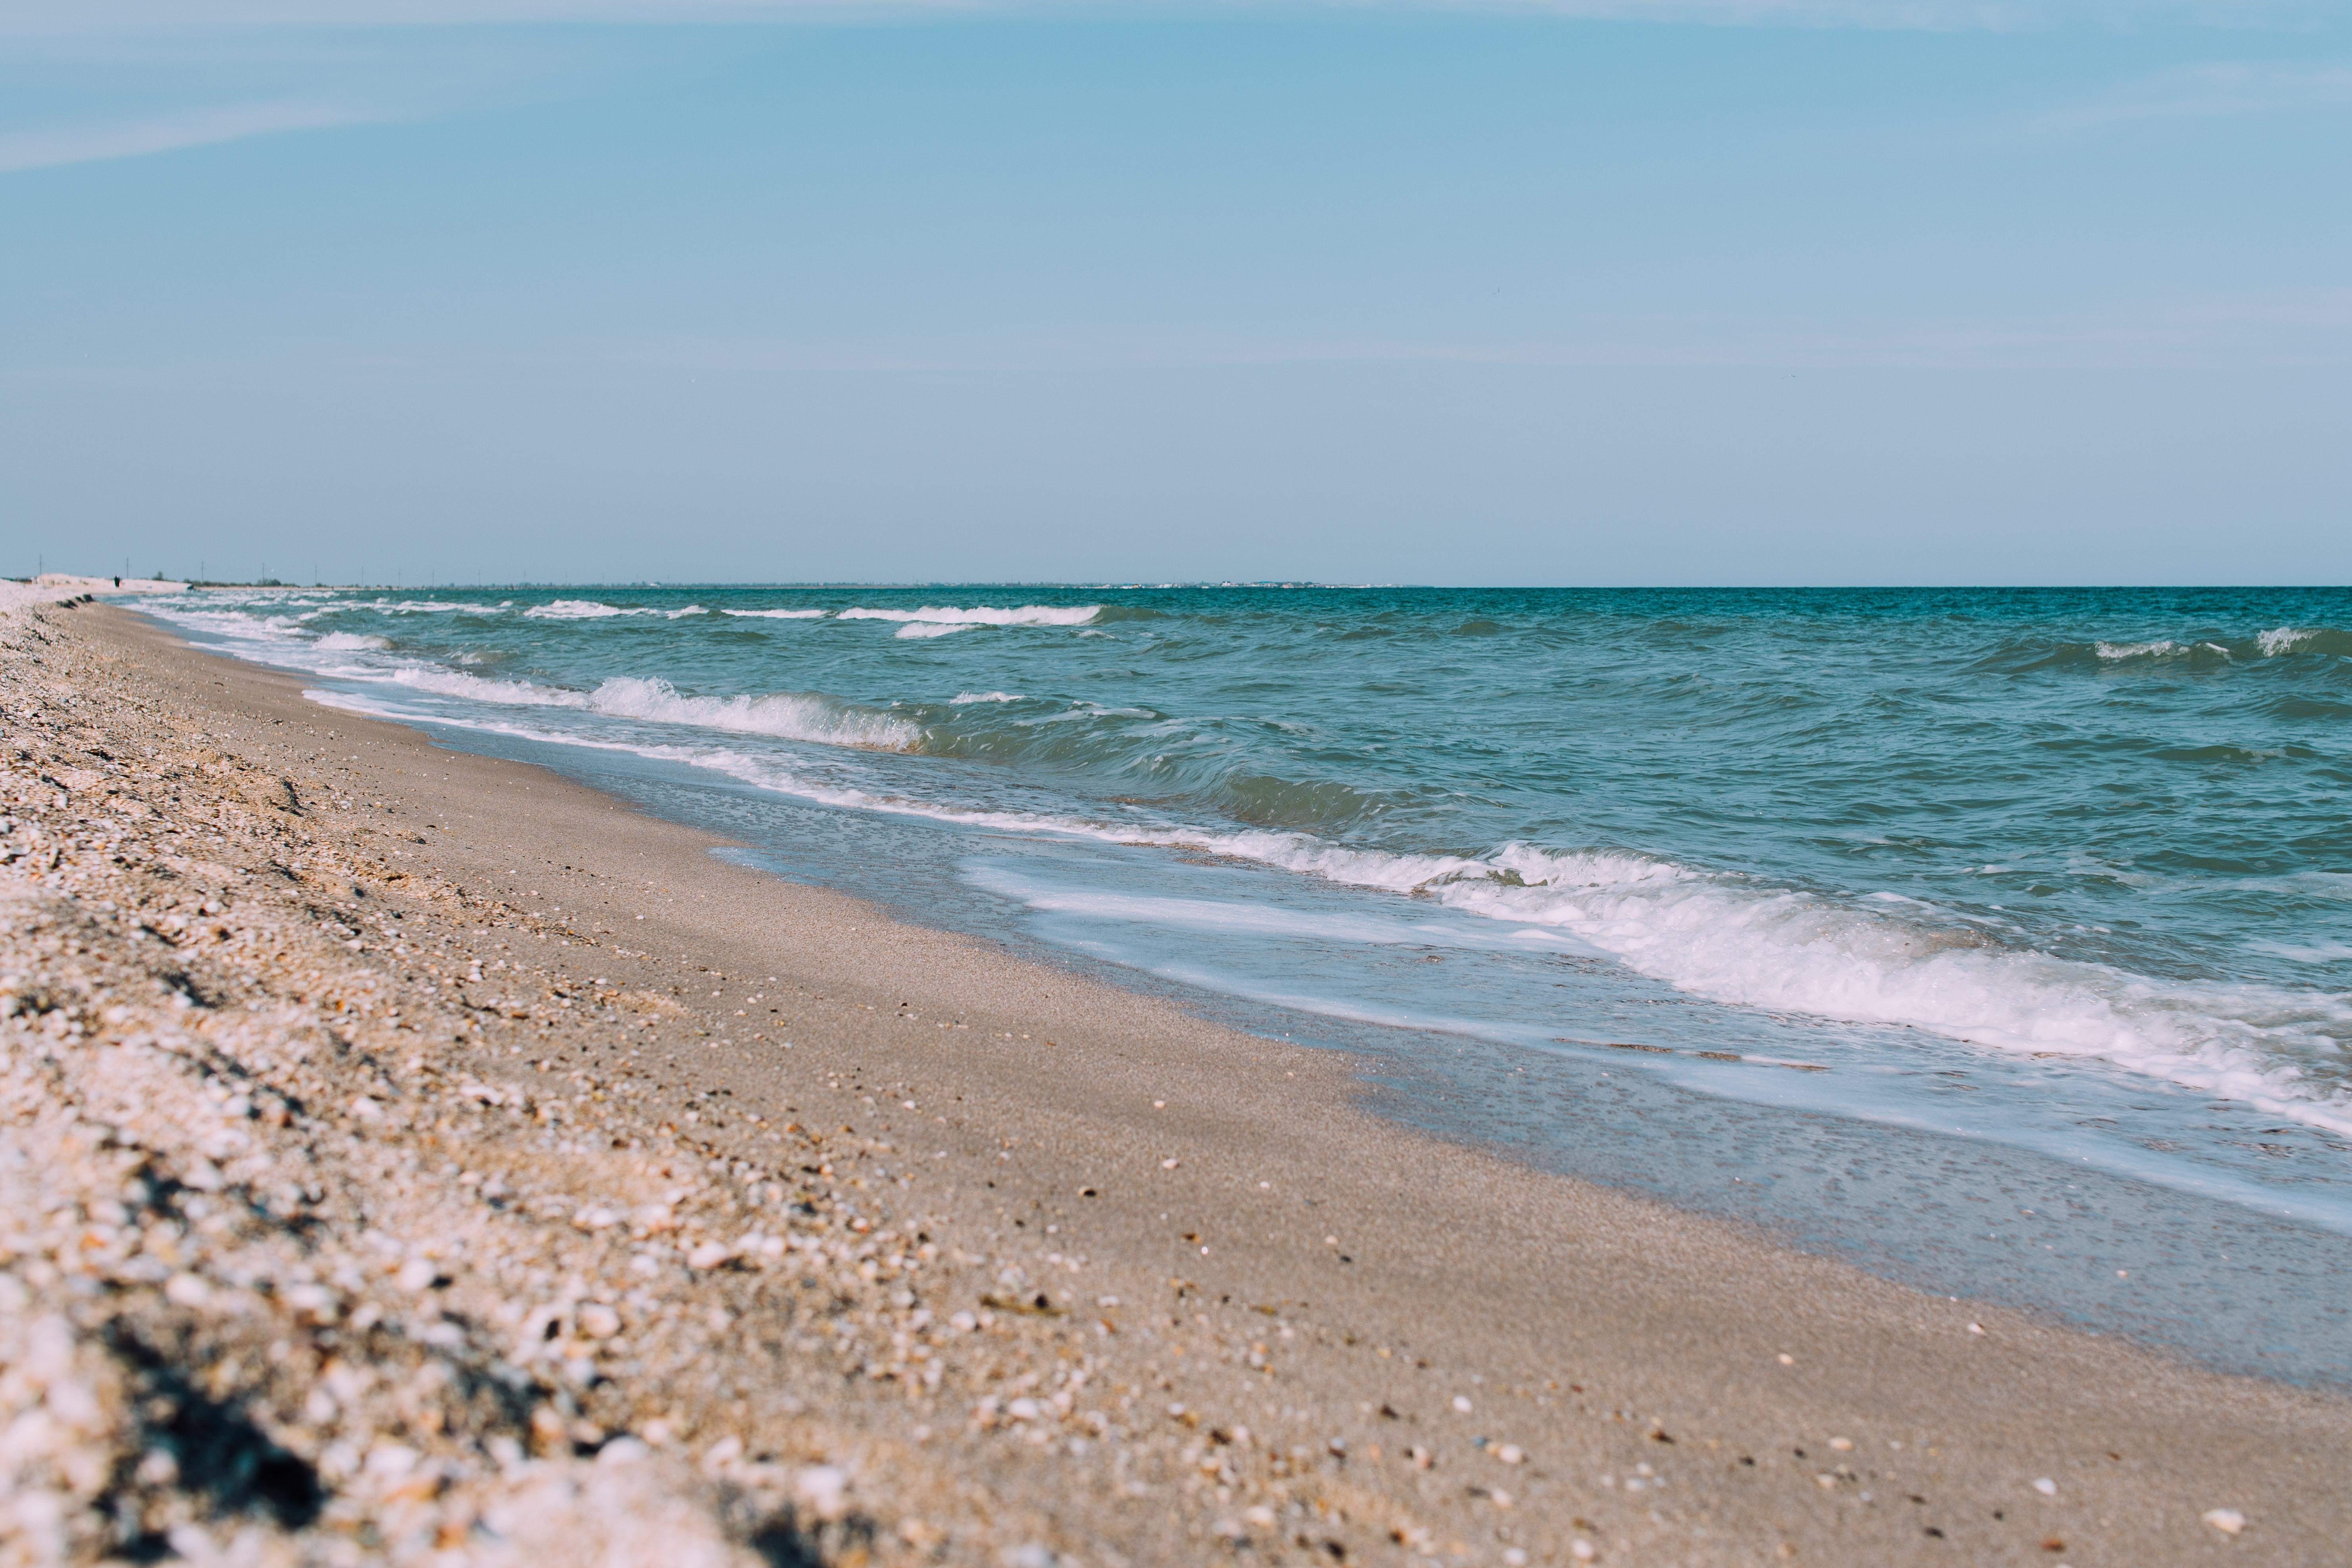 відпочинок на морі 2021, відпочинок на морі